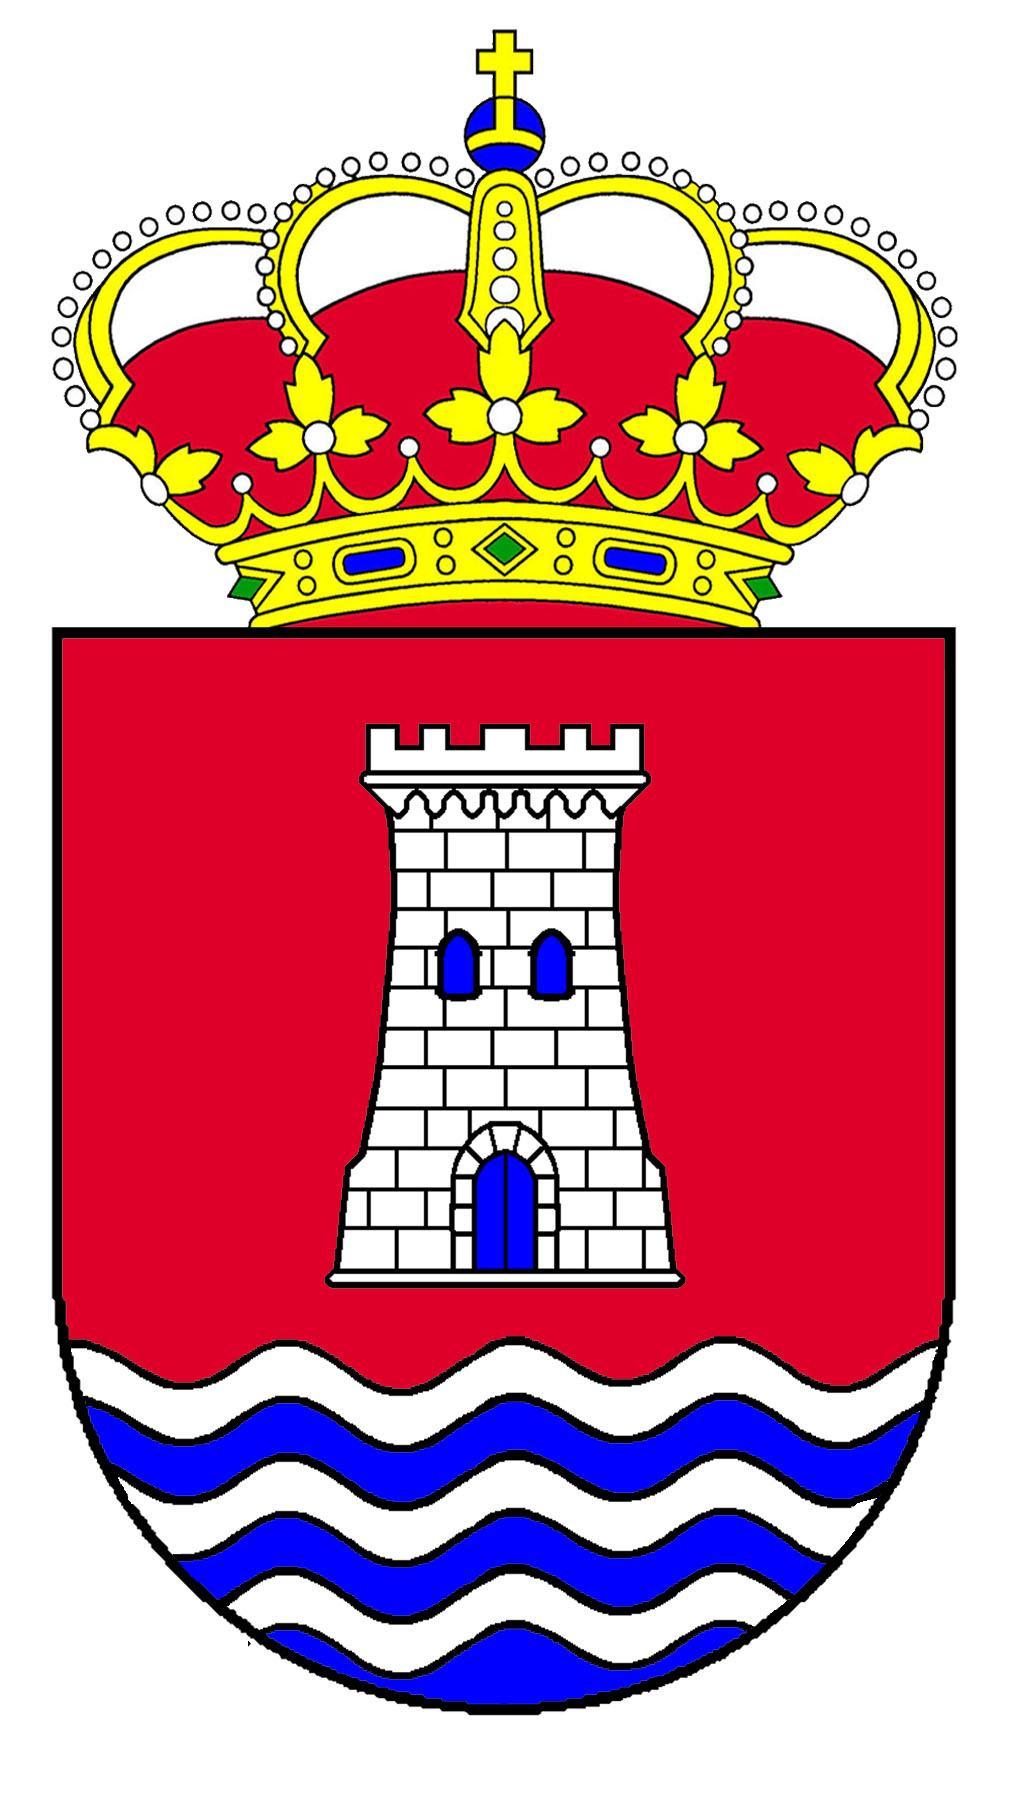 escudo_torrelaguna.